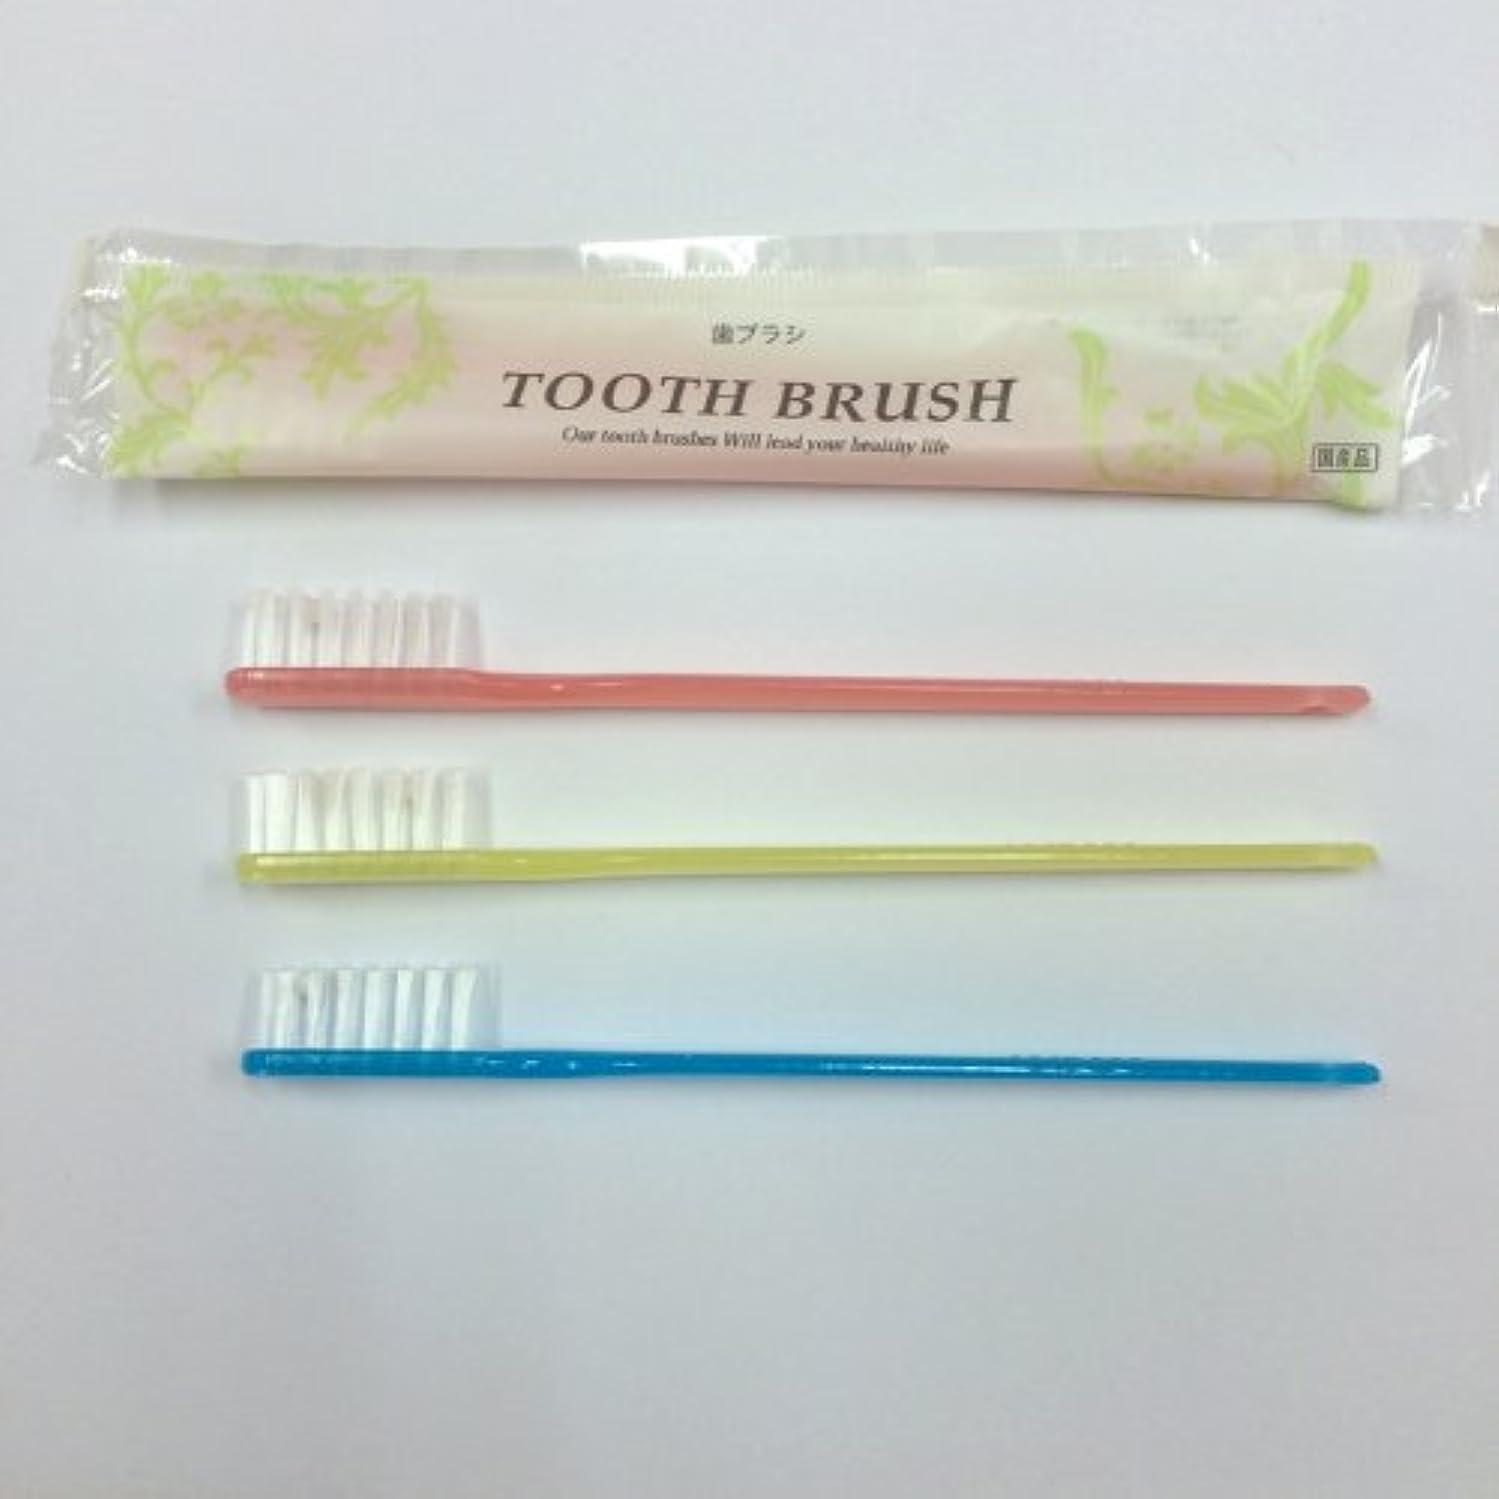 疑わしい彫るスケートインスタント歯ブラシ 3色アソート(ピンク?ブルー?イエロー) 200本